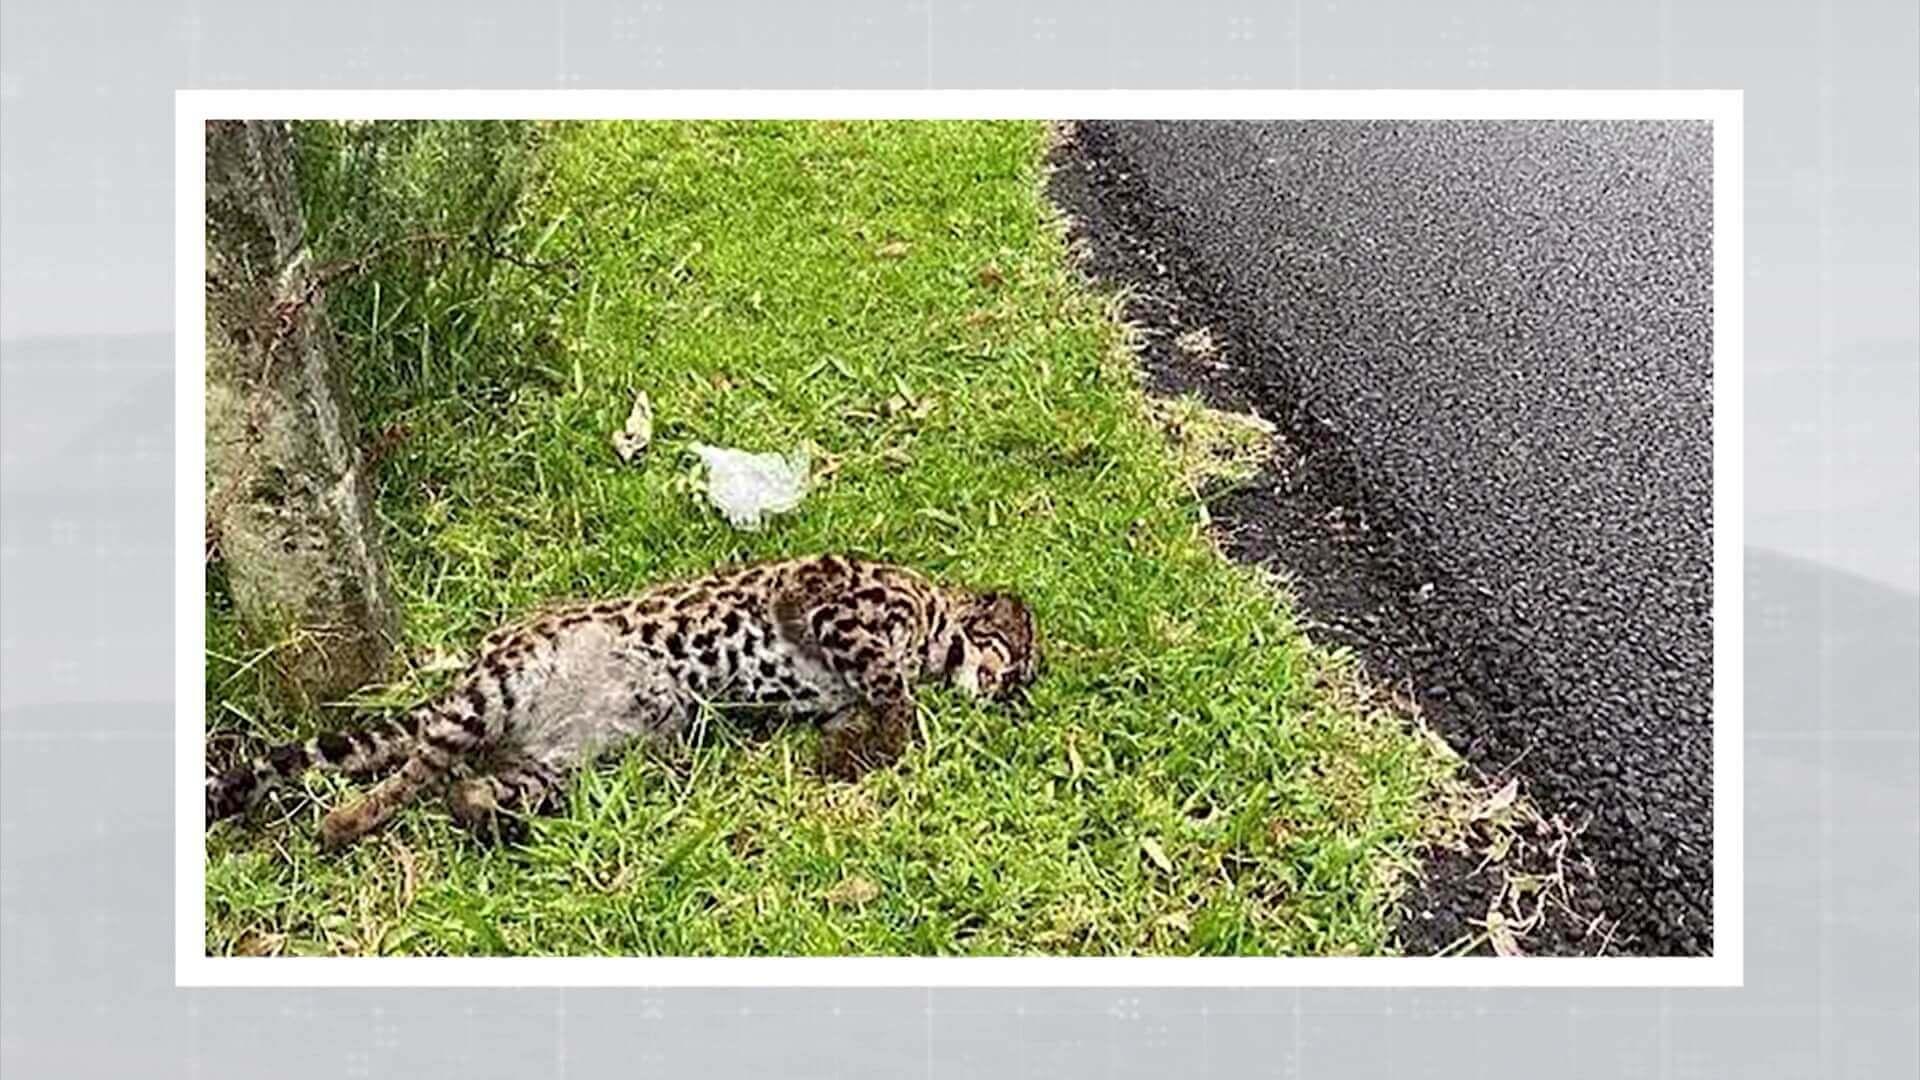 Hallado un tigrillo muerto en la vía Las Palmas